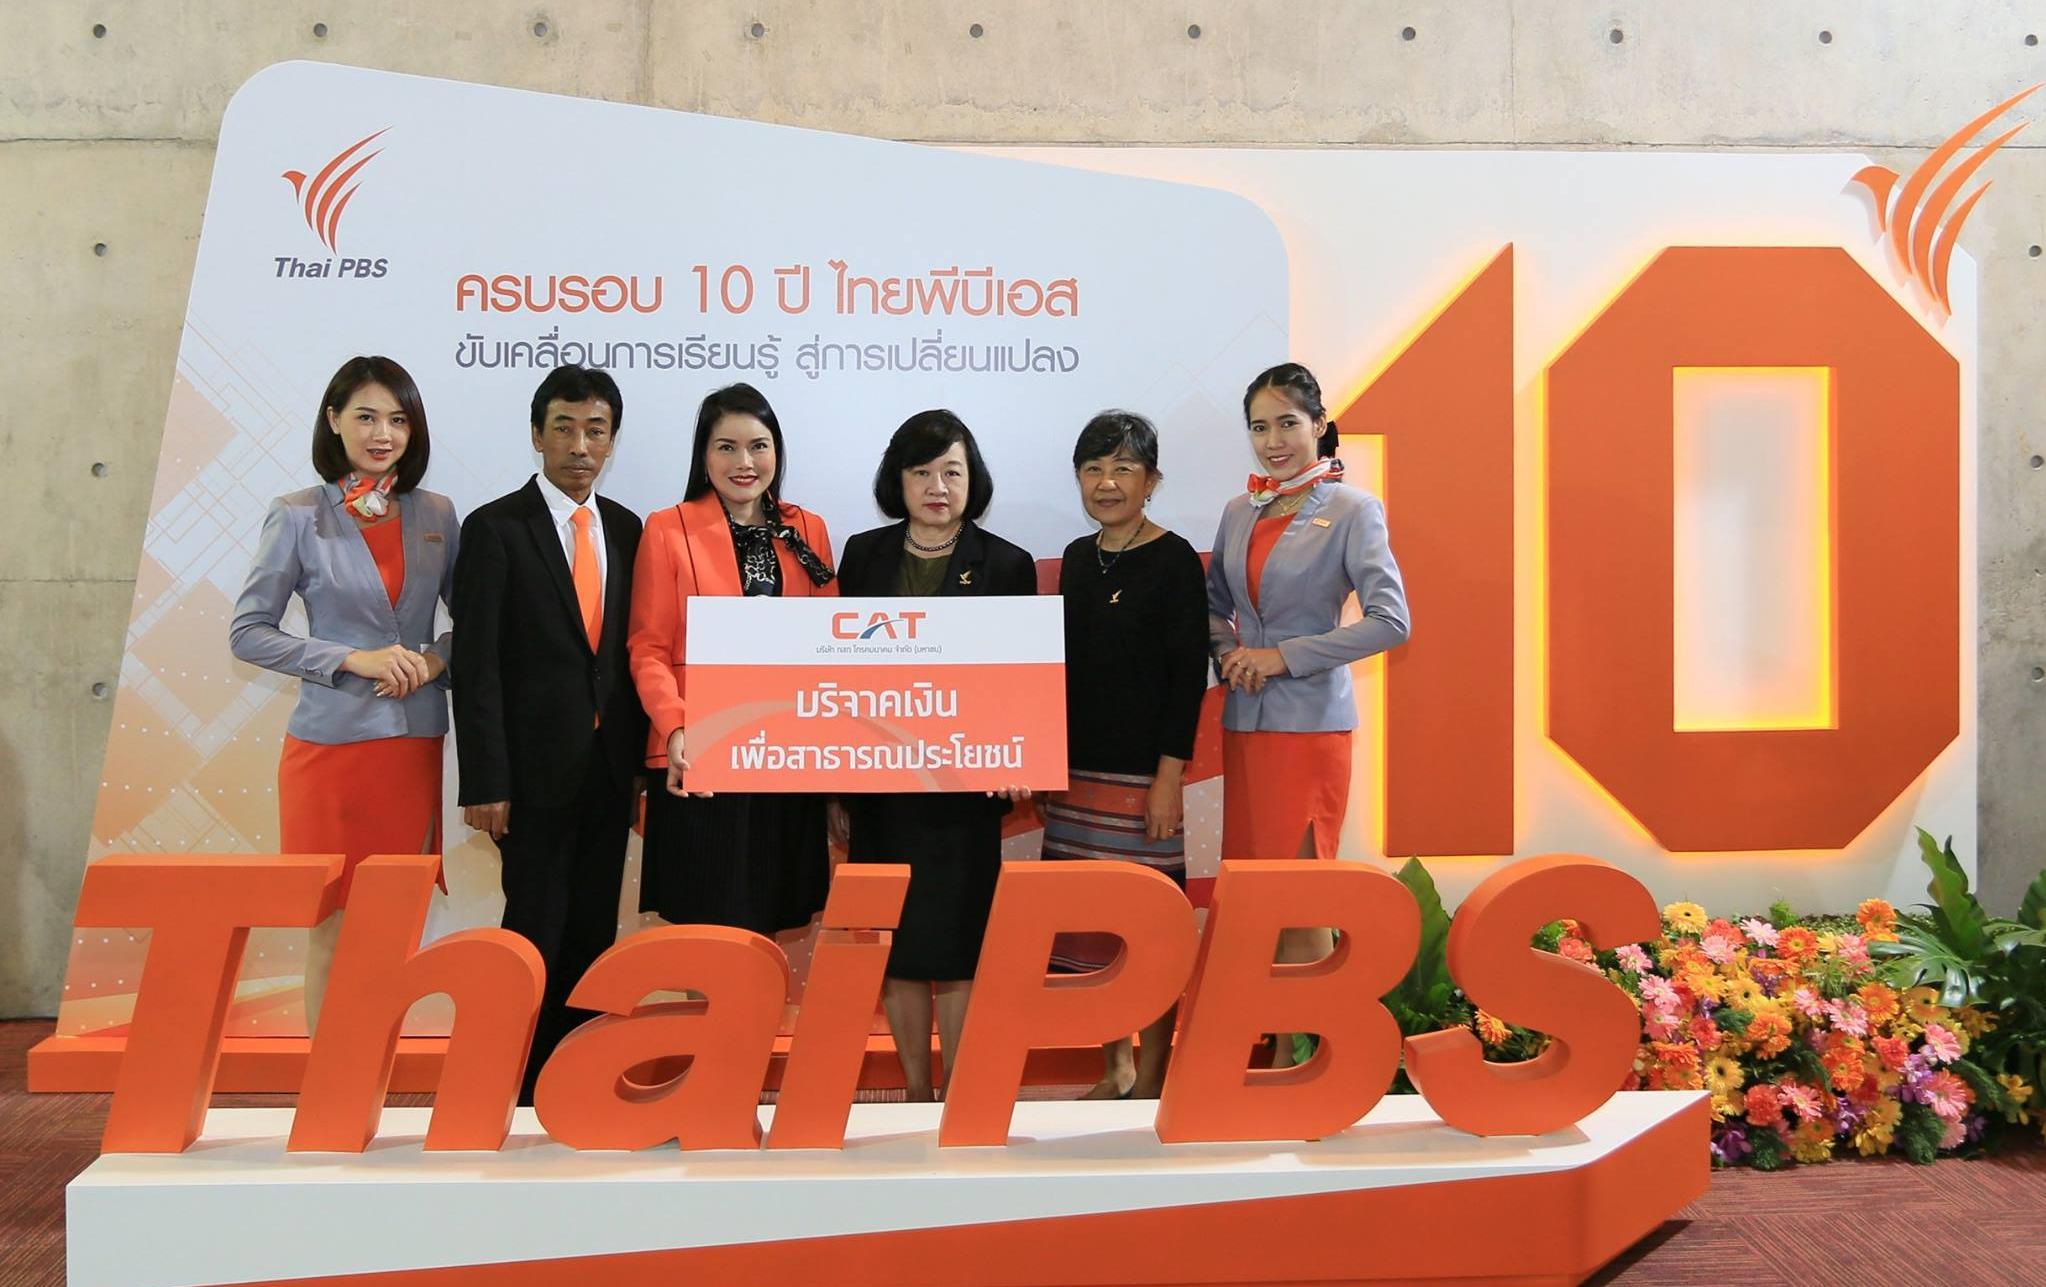 CAT ร่วมแสดงความยินดีสถานีโทรทัศน์ Thai PBS ครบรอบ 10 ปี